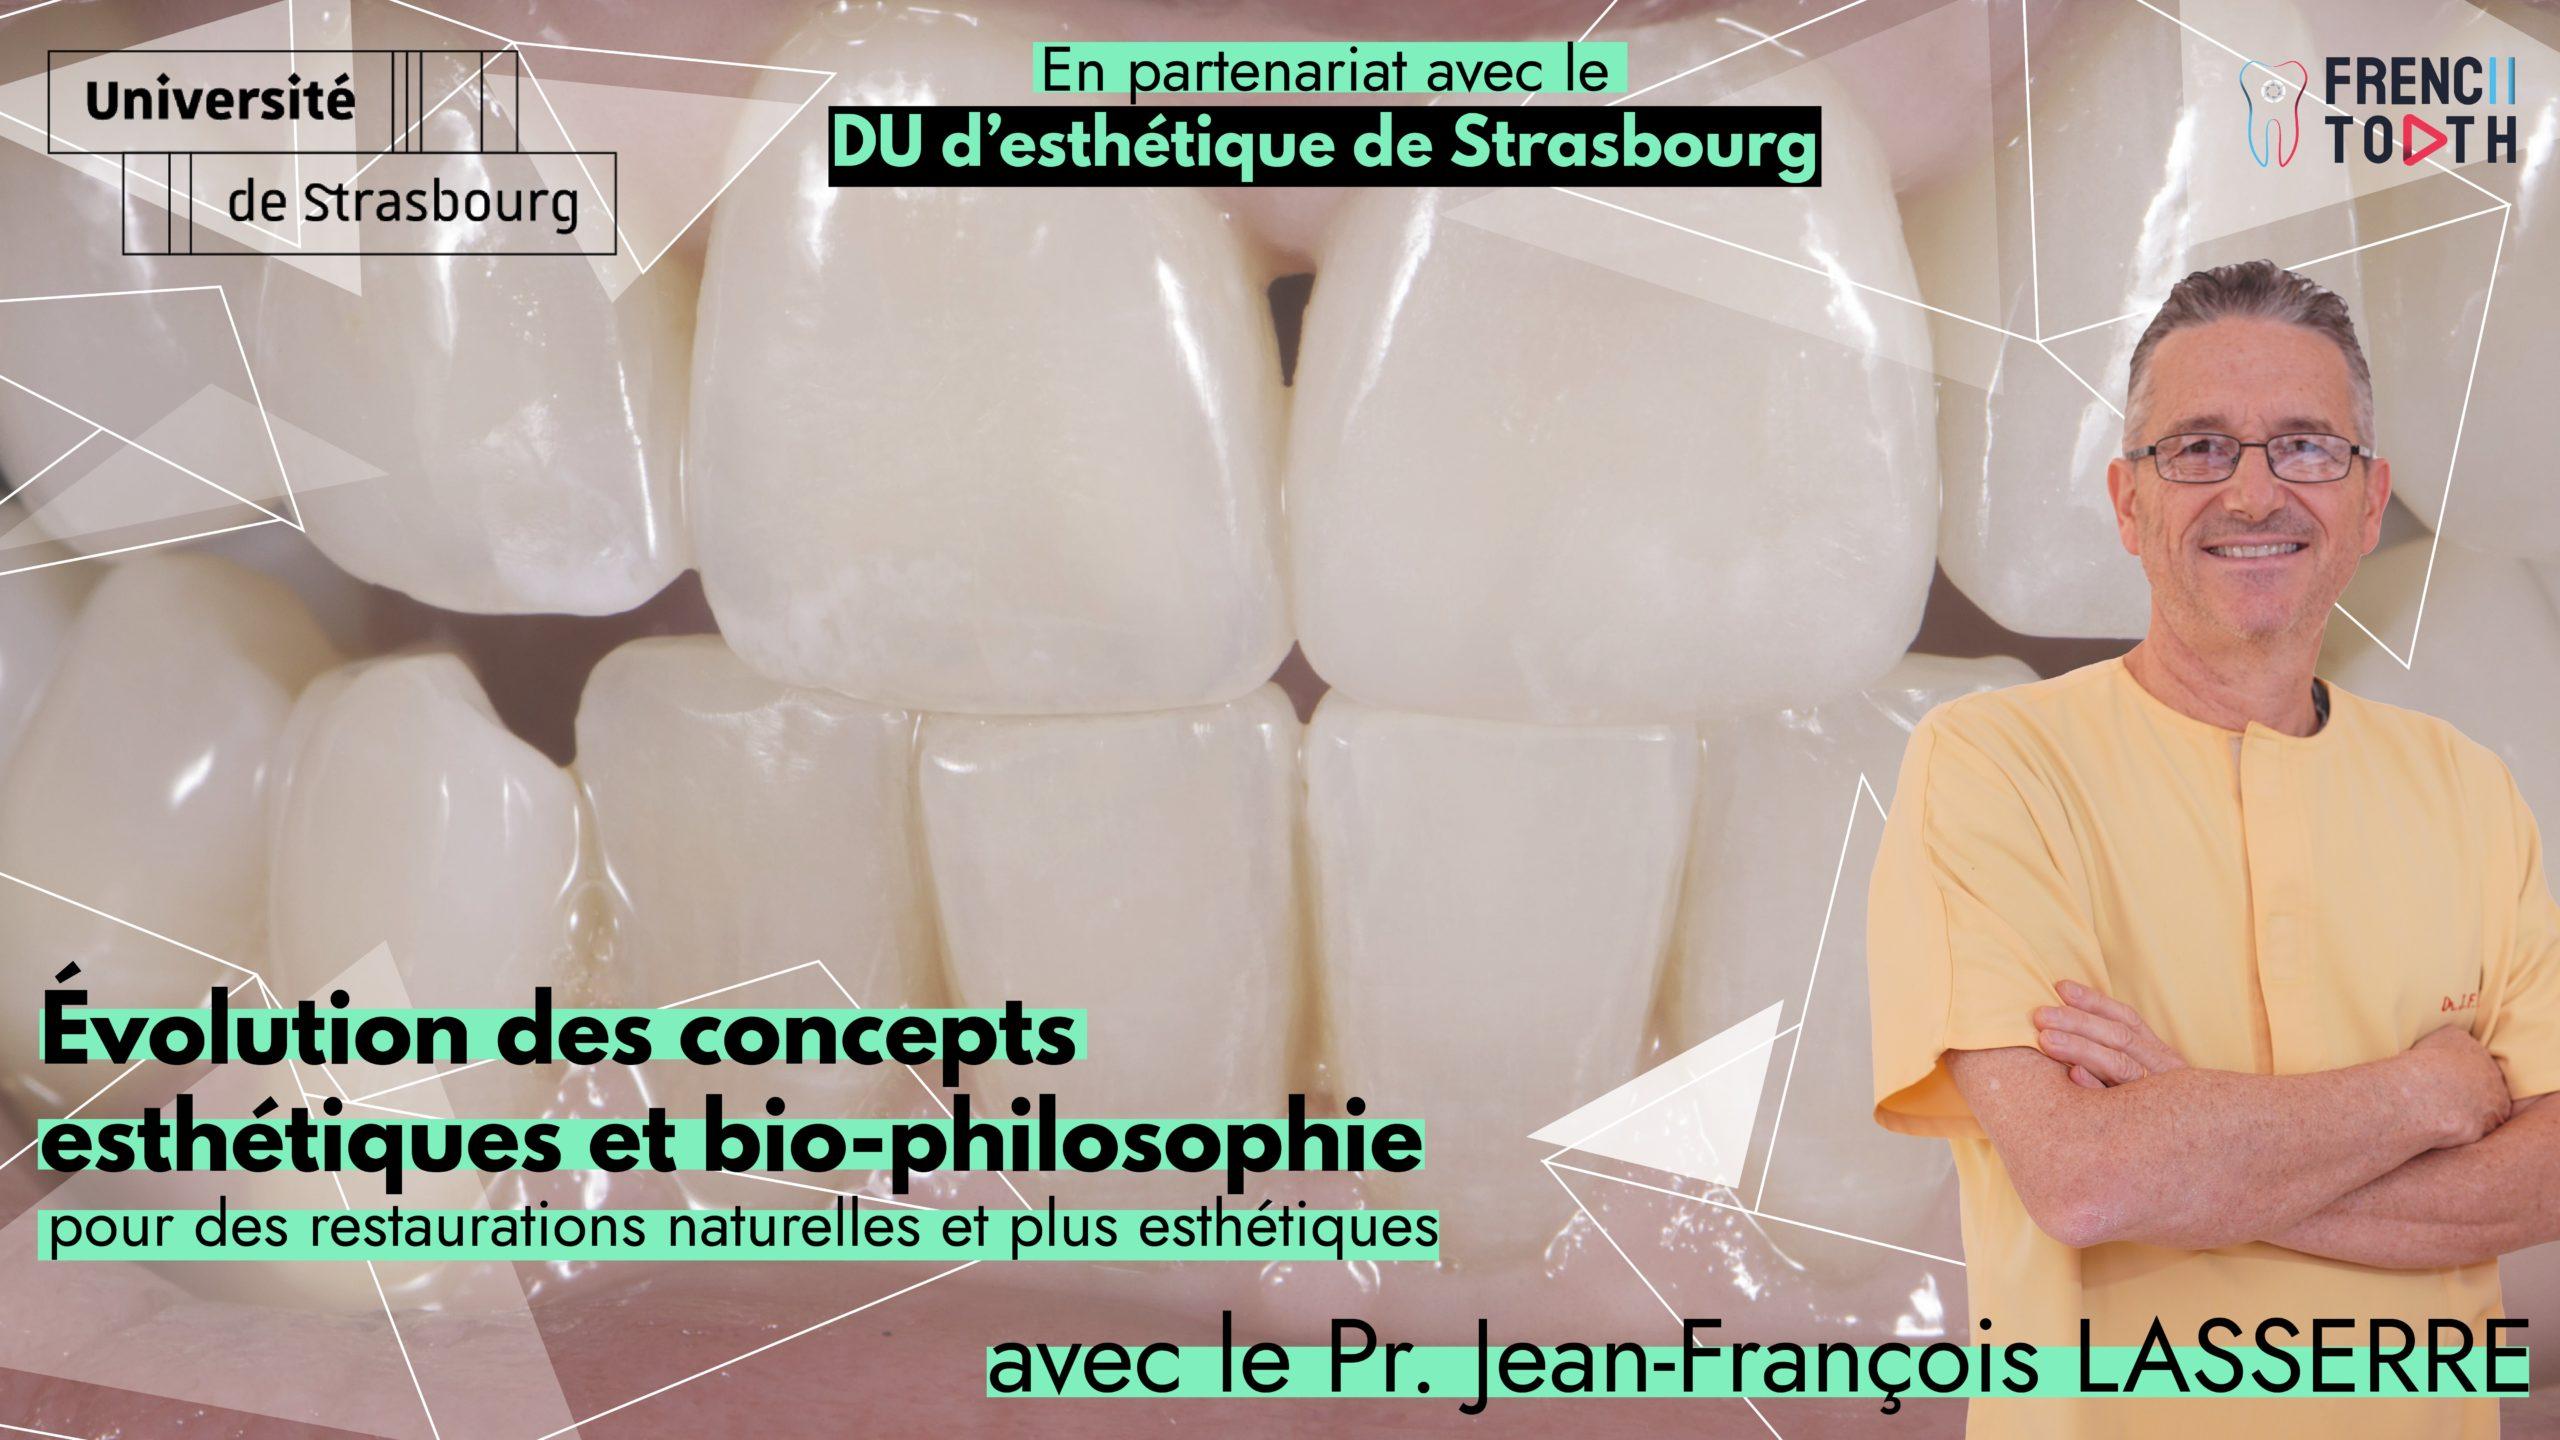 Evolution des concepts esthétiques et bio-philosophie